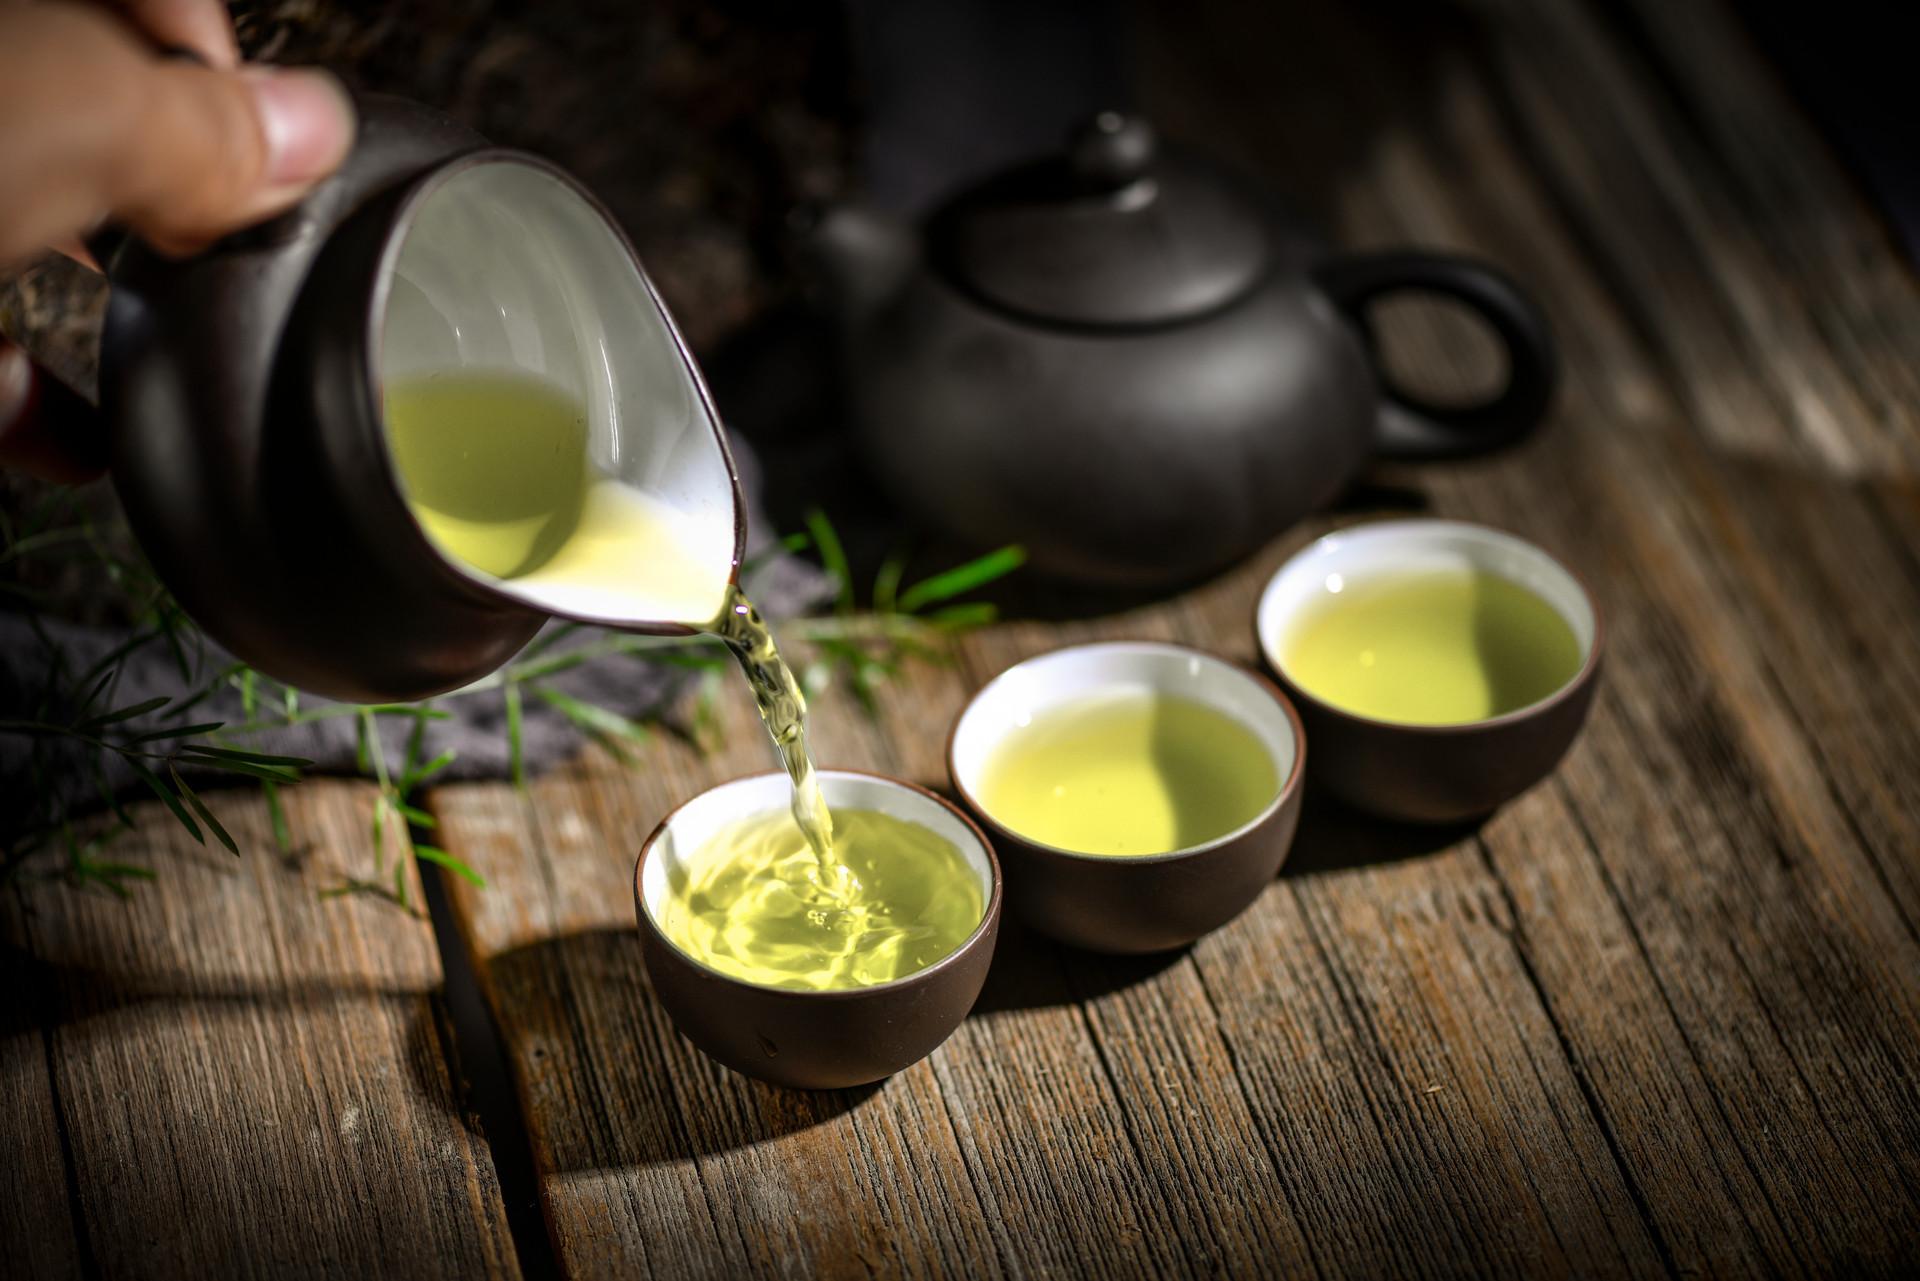 卓玛泉春茶季之春水应煎茶,莫负好时光